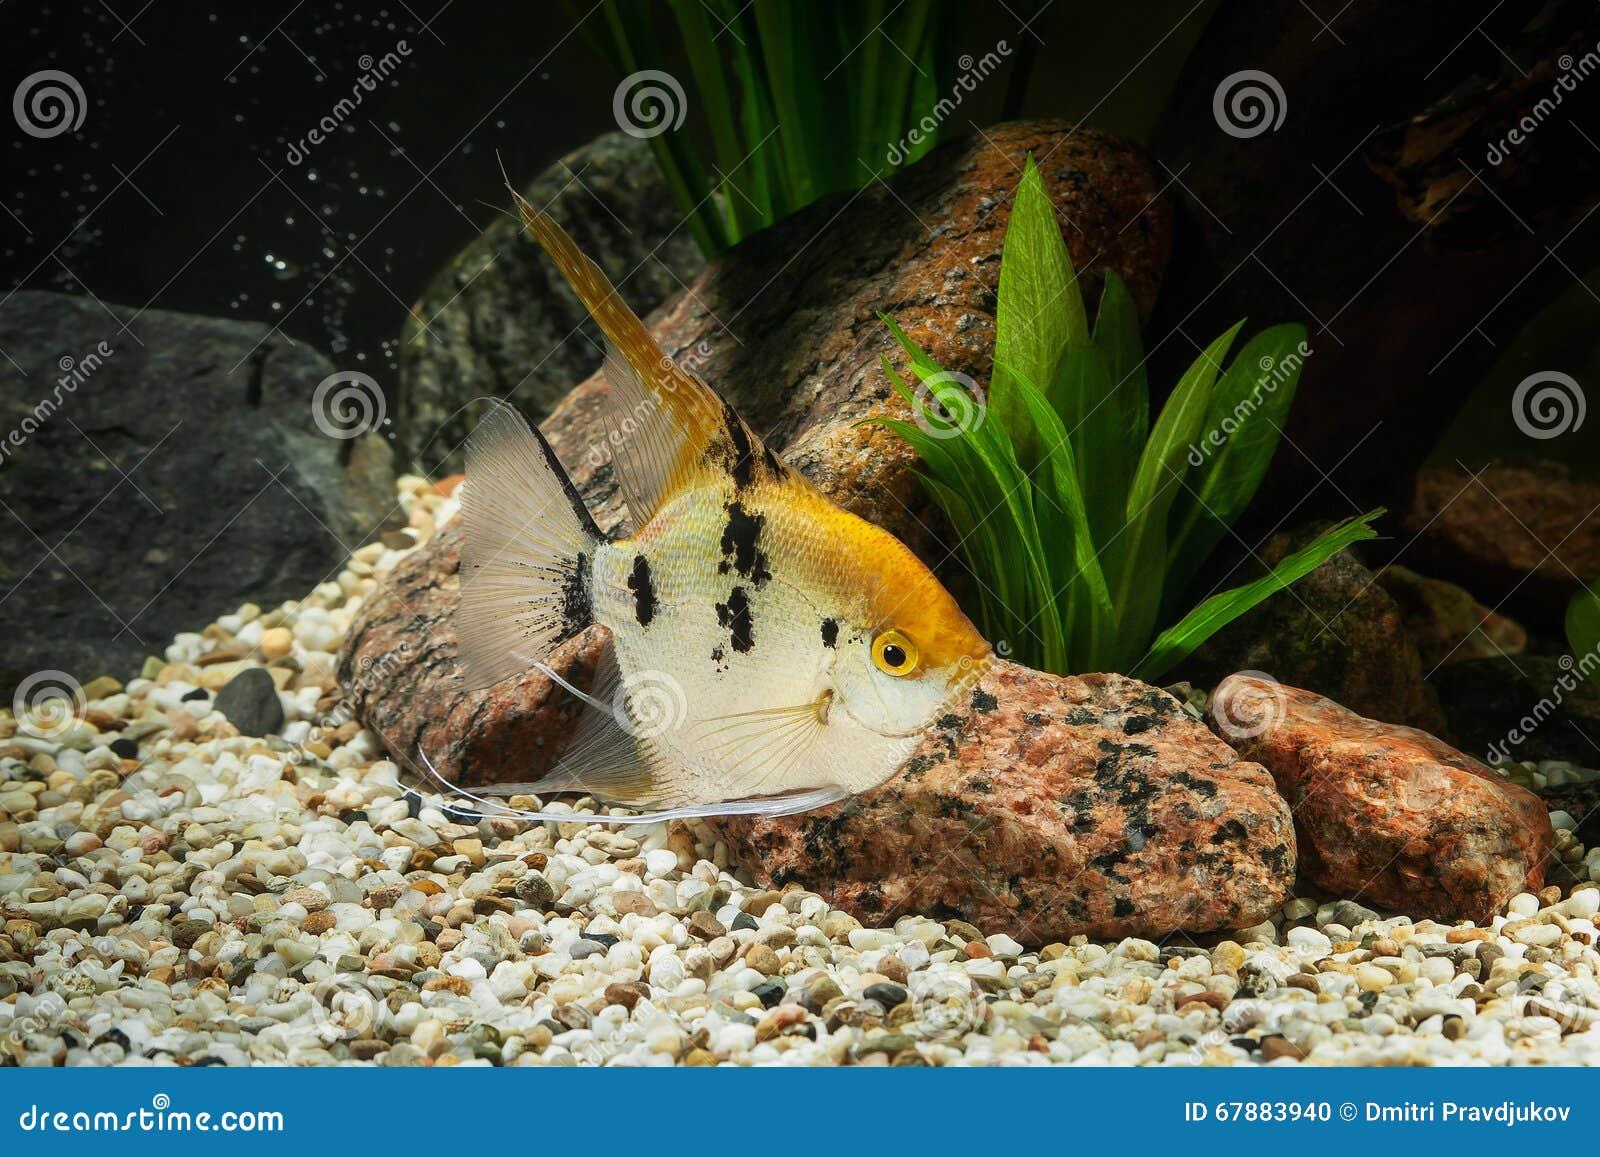 Fische Engelhai im Aquarium mit Grünpflanzen und Steine